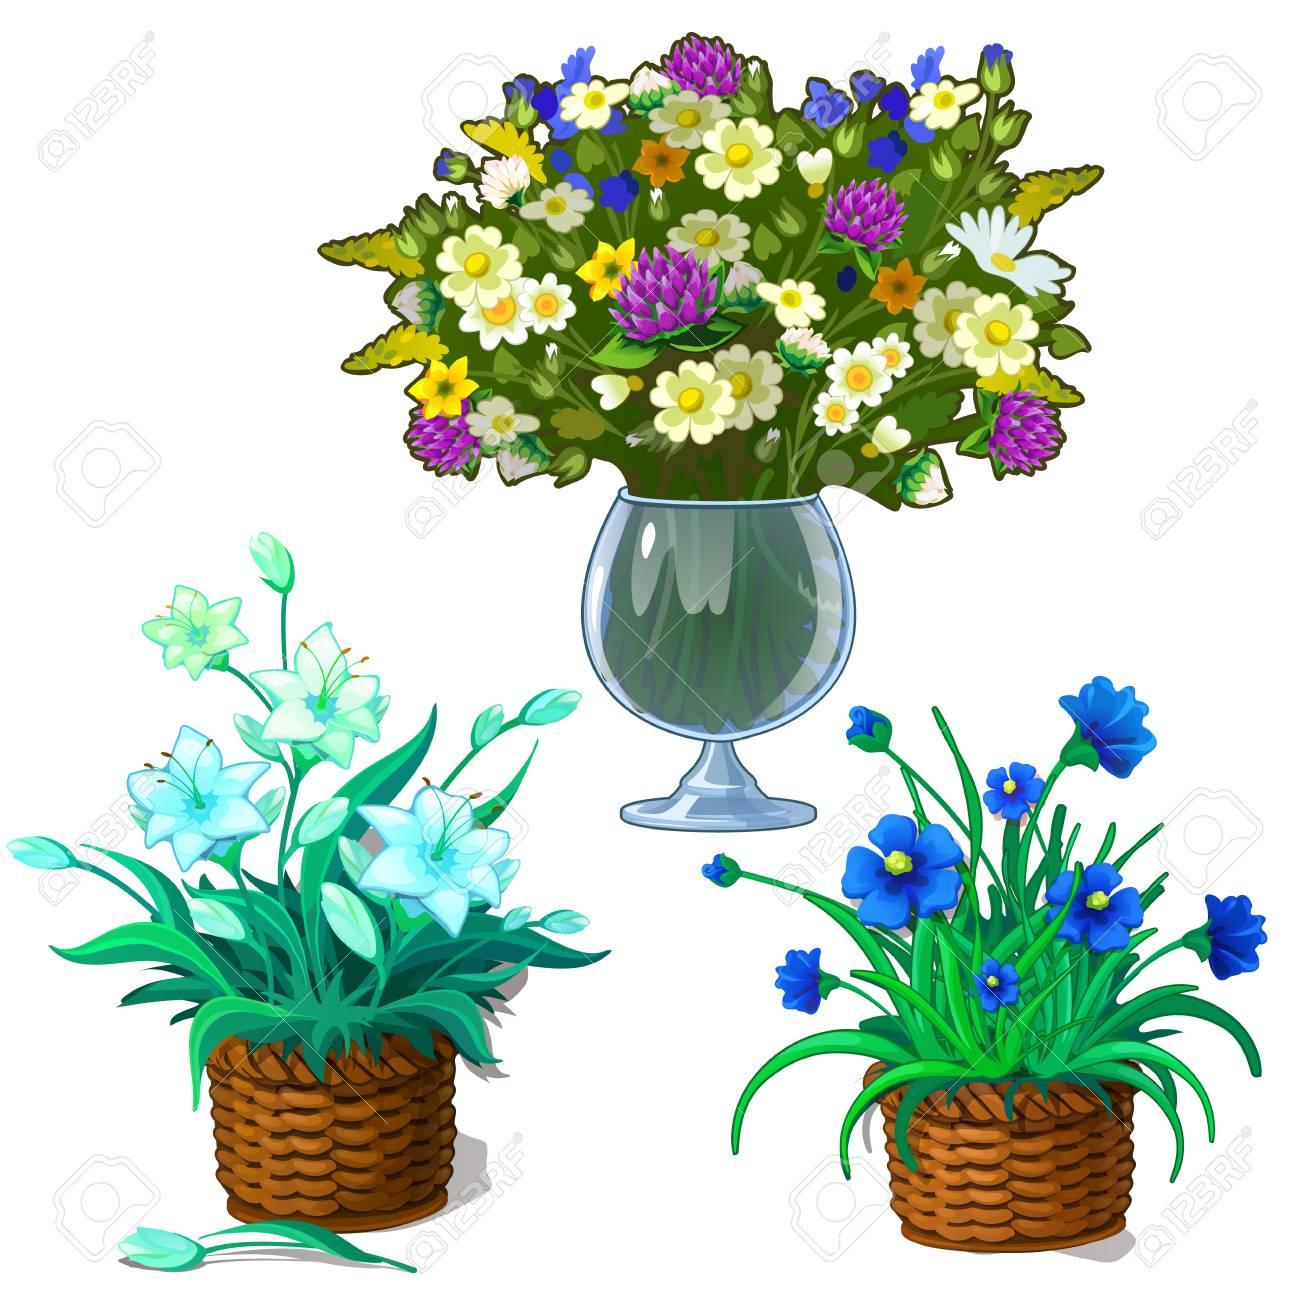 Tres Imagenes De Plantas De Interior En Maceta Y Ramo De Flores - Flores-interior